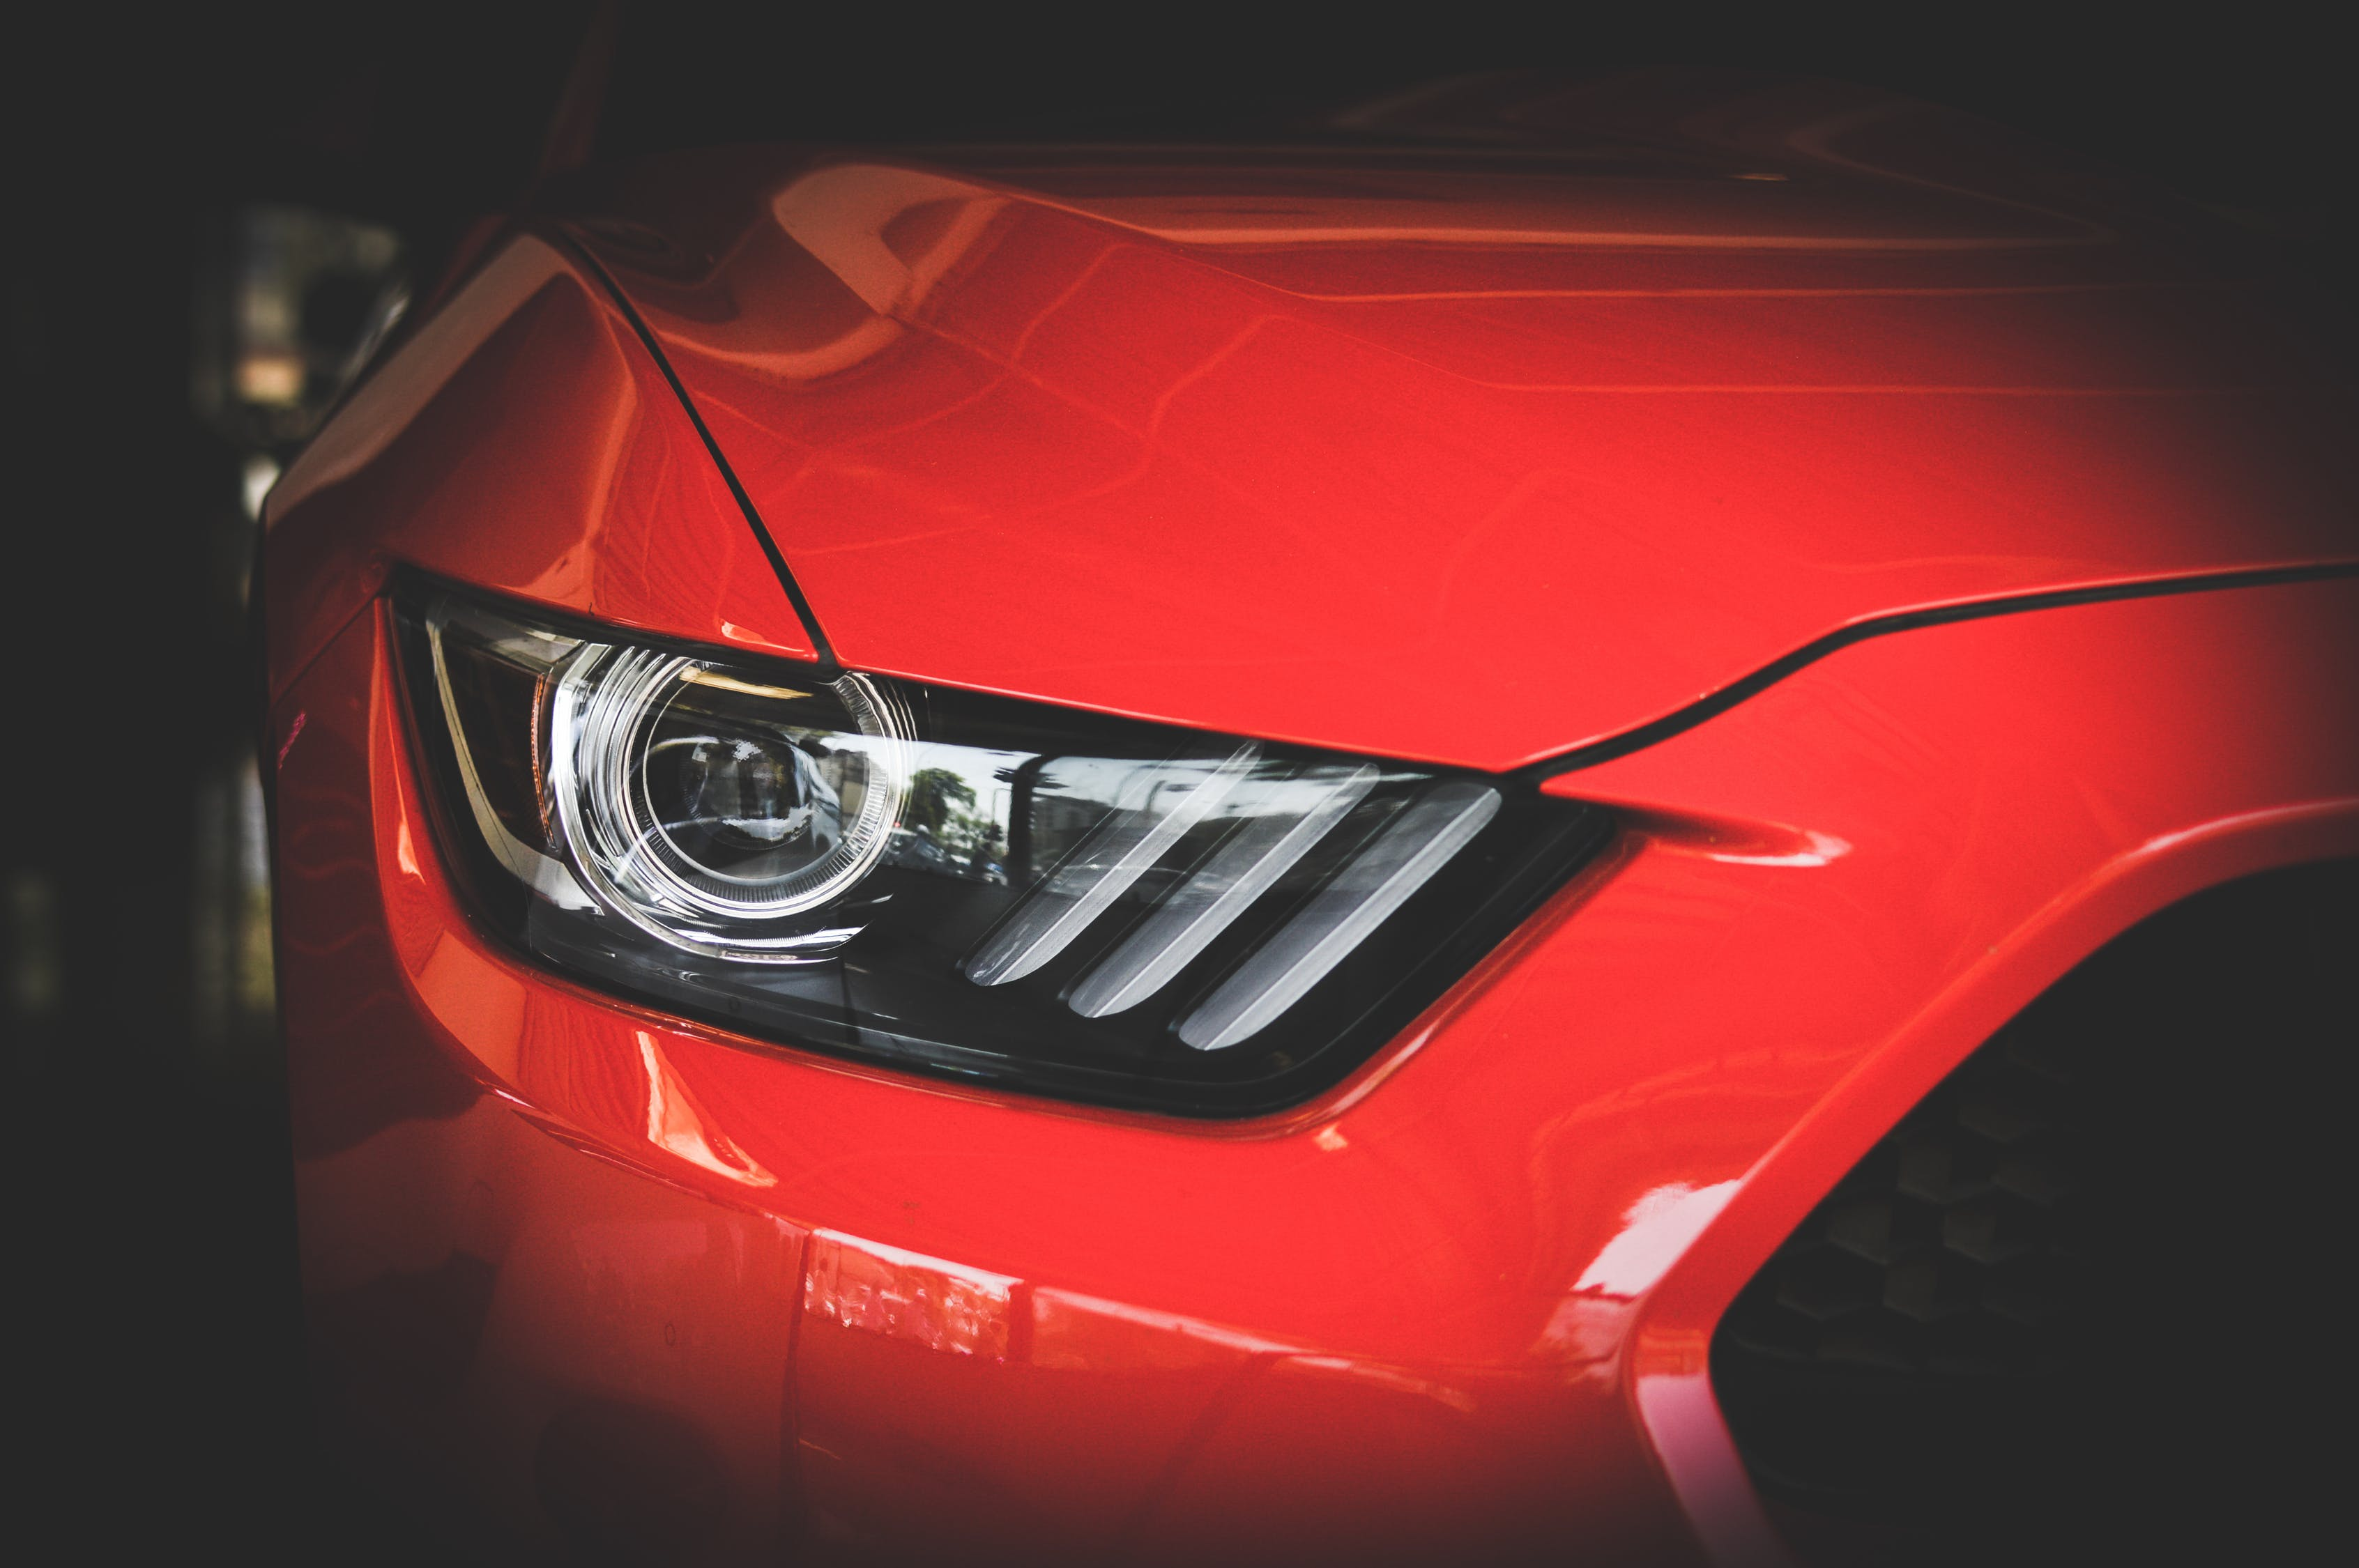 Gratis stockfoto met auto, automobiel, automotive